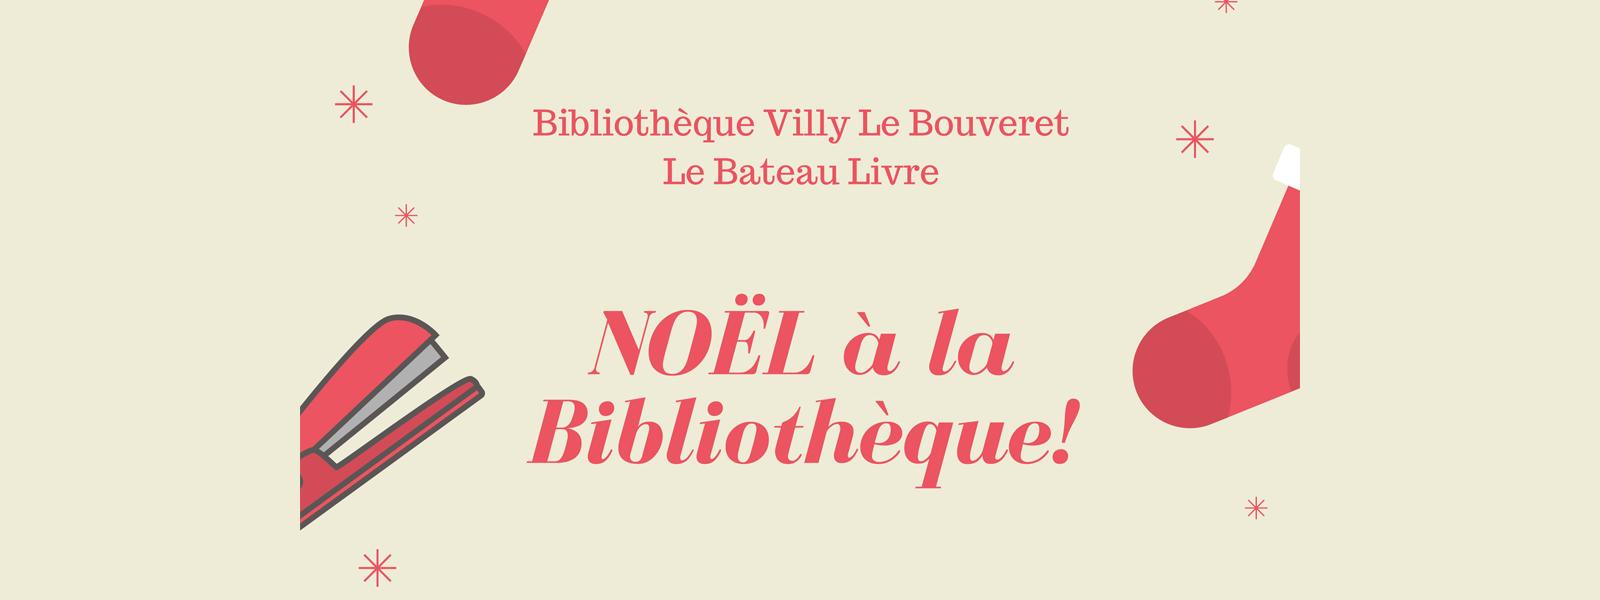 Noël à la bibliothèque de Villy-le-Bouveret le 16 décembre 2017